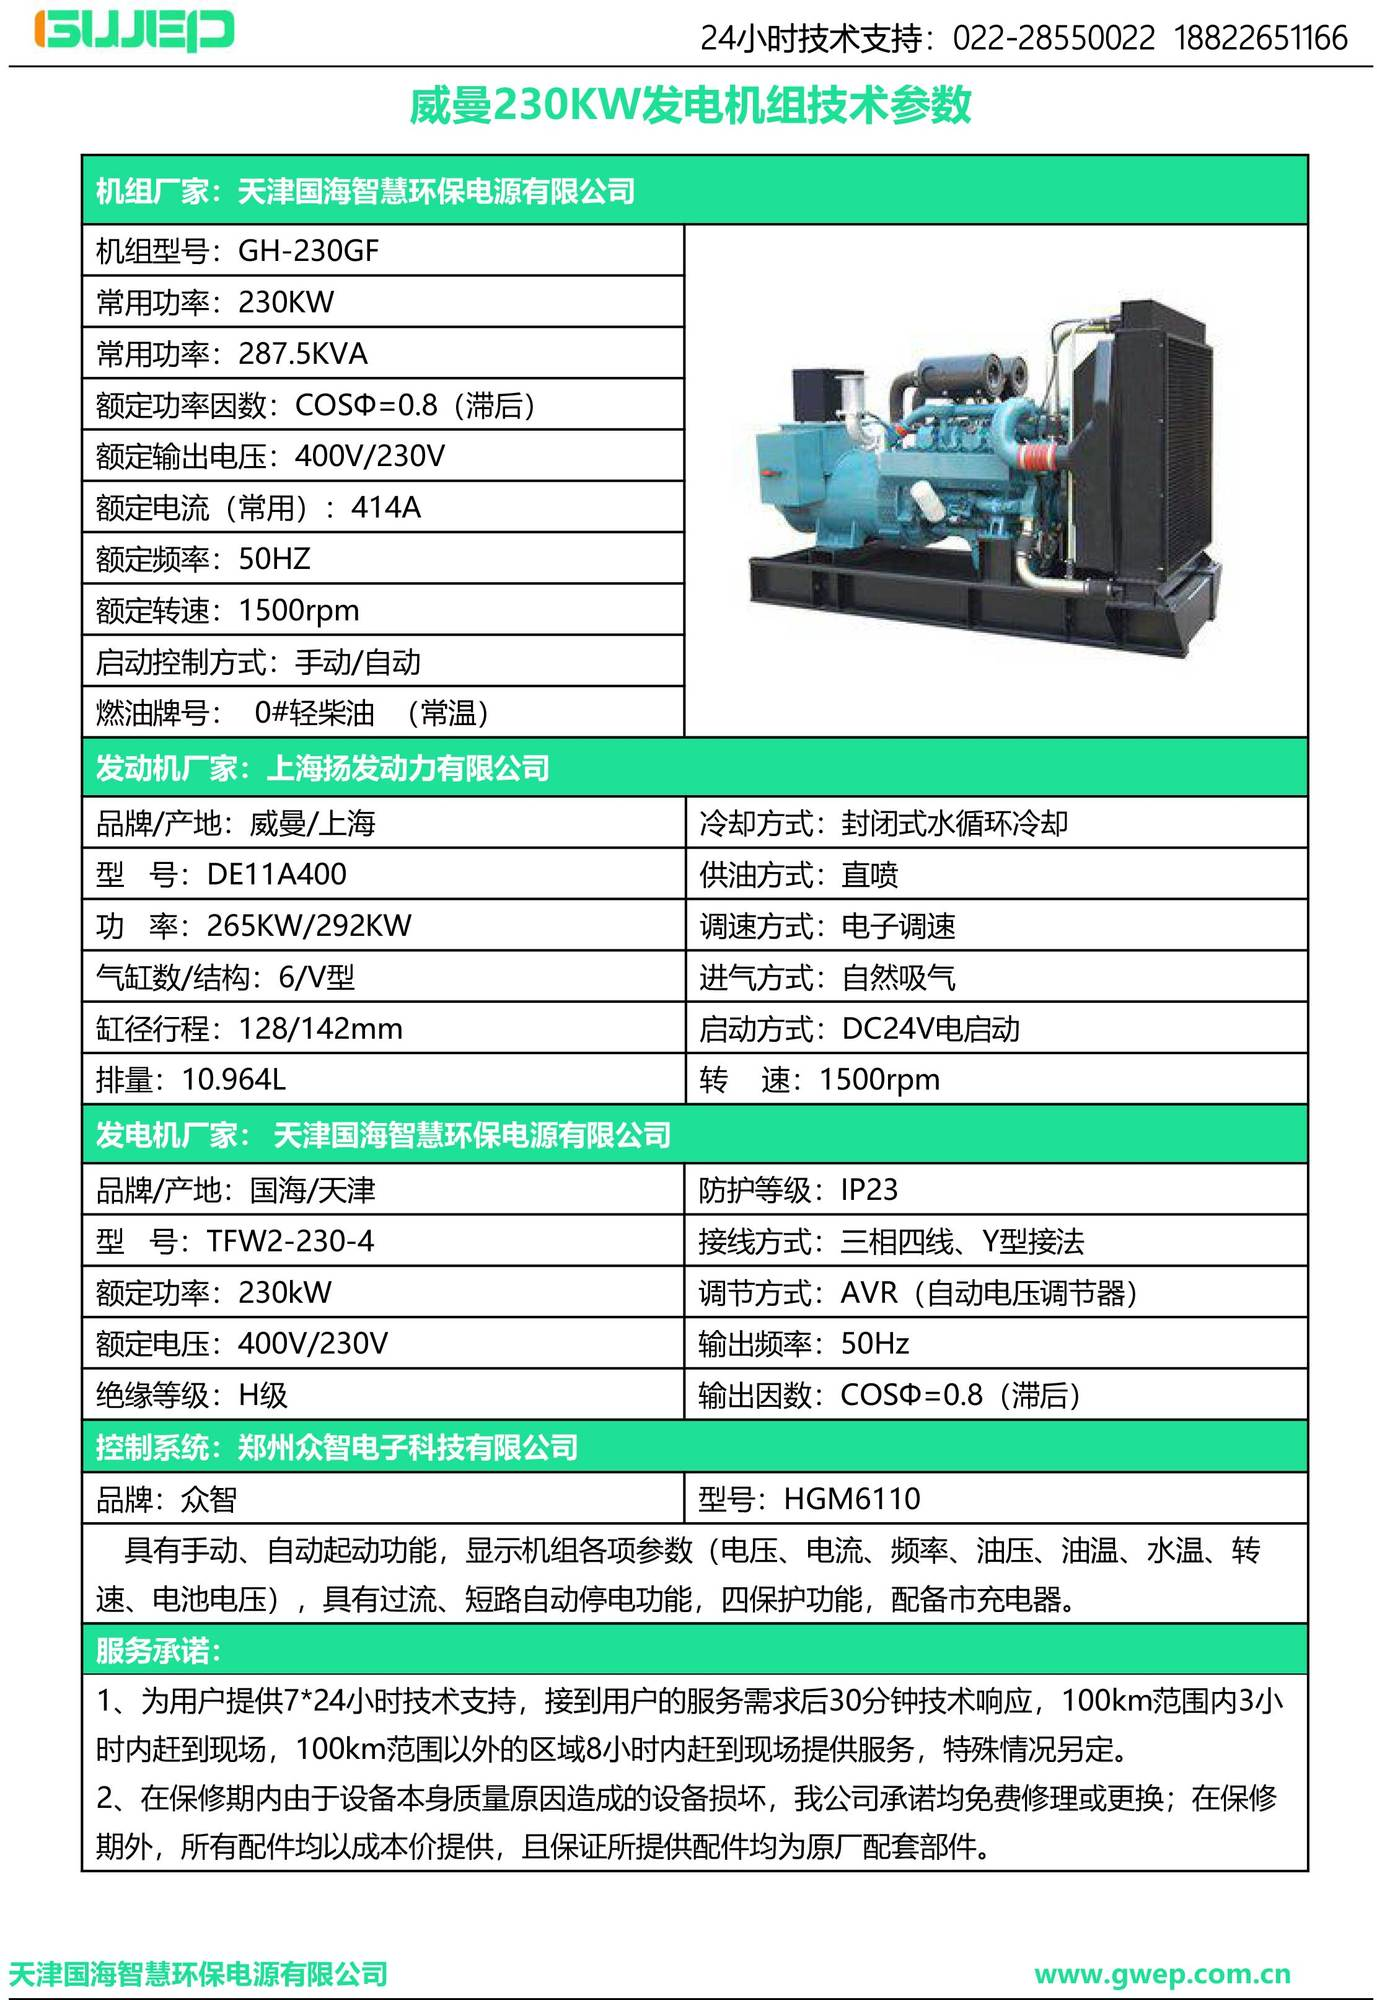 威曼230KW發電機組技術資料-2.jpg